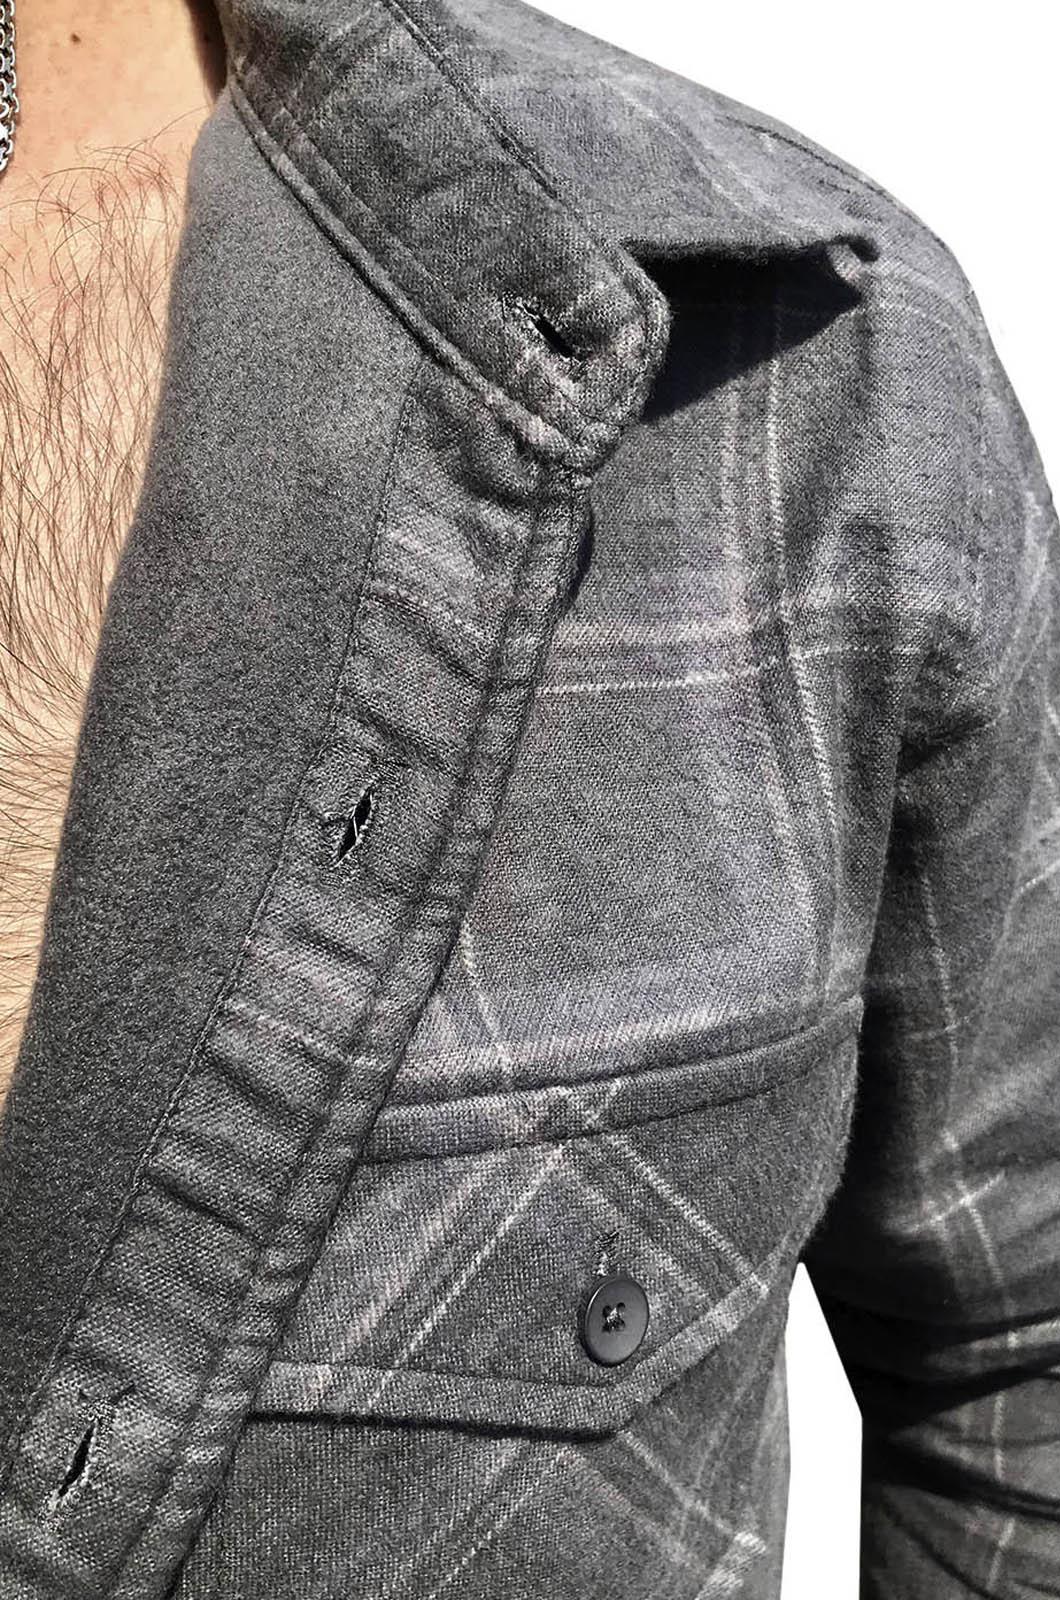 Рубашка мужская с вышитым темным полевым шевроном Россия - купить с доставкой